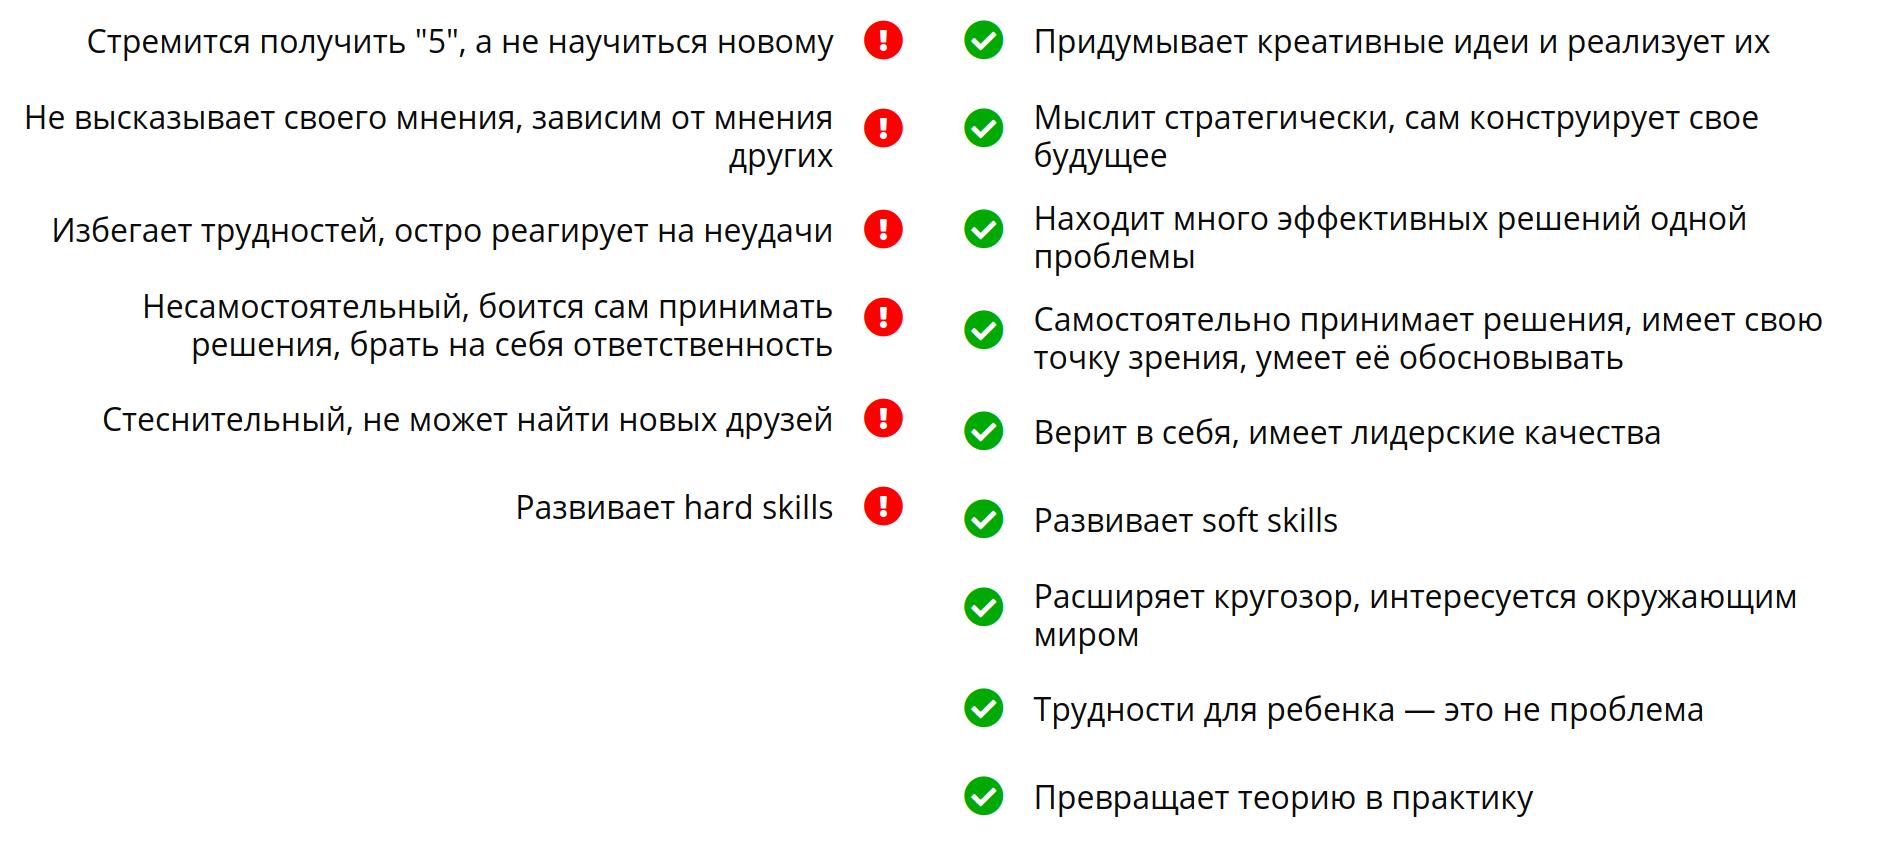 DeepinScreenshot_выберите-область_20190726162239